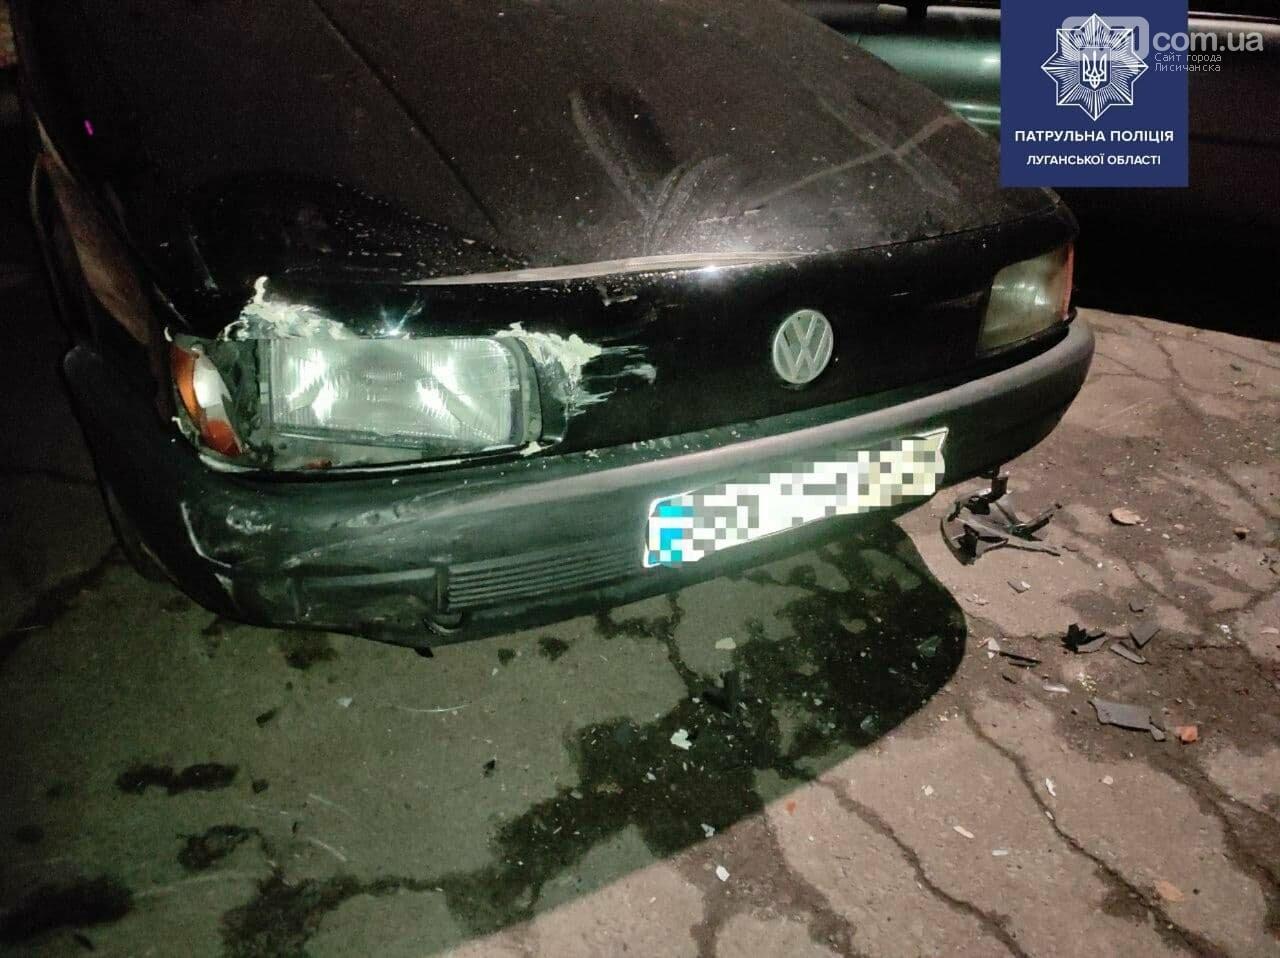 Водитель в нетрезвом состоянии совершил ДТП в Рубежном, фото-3